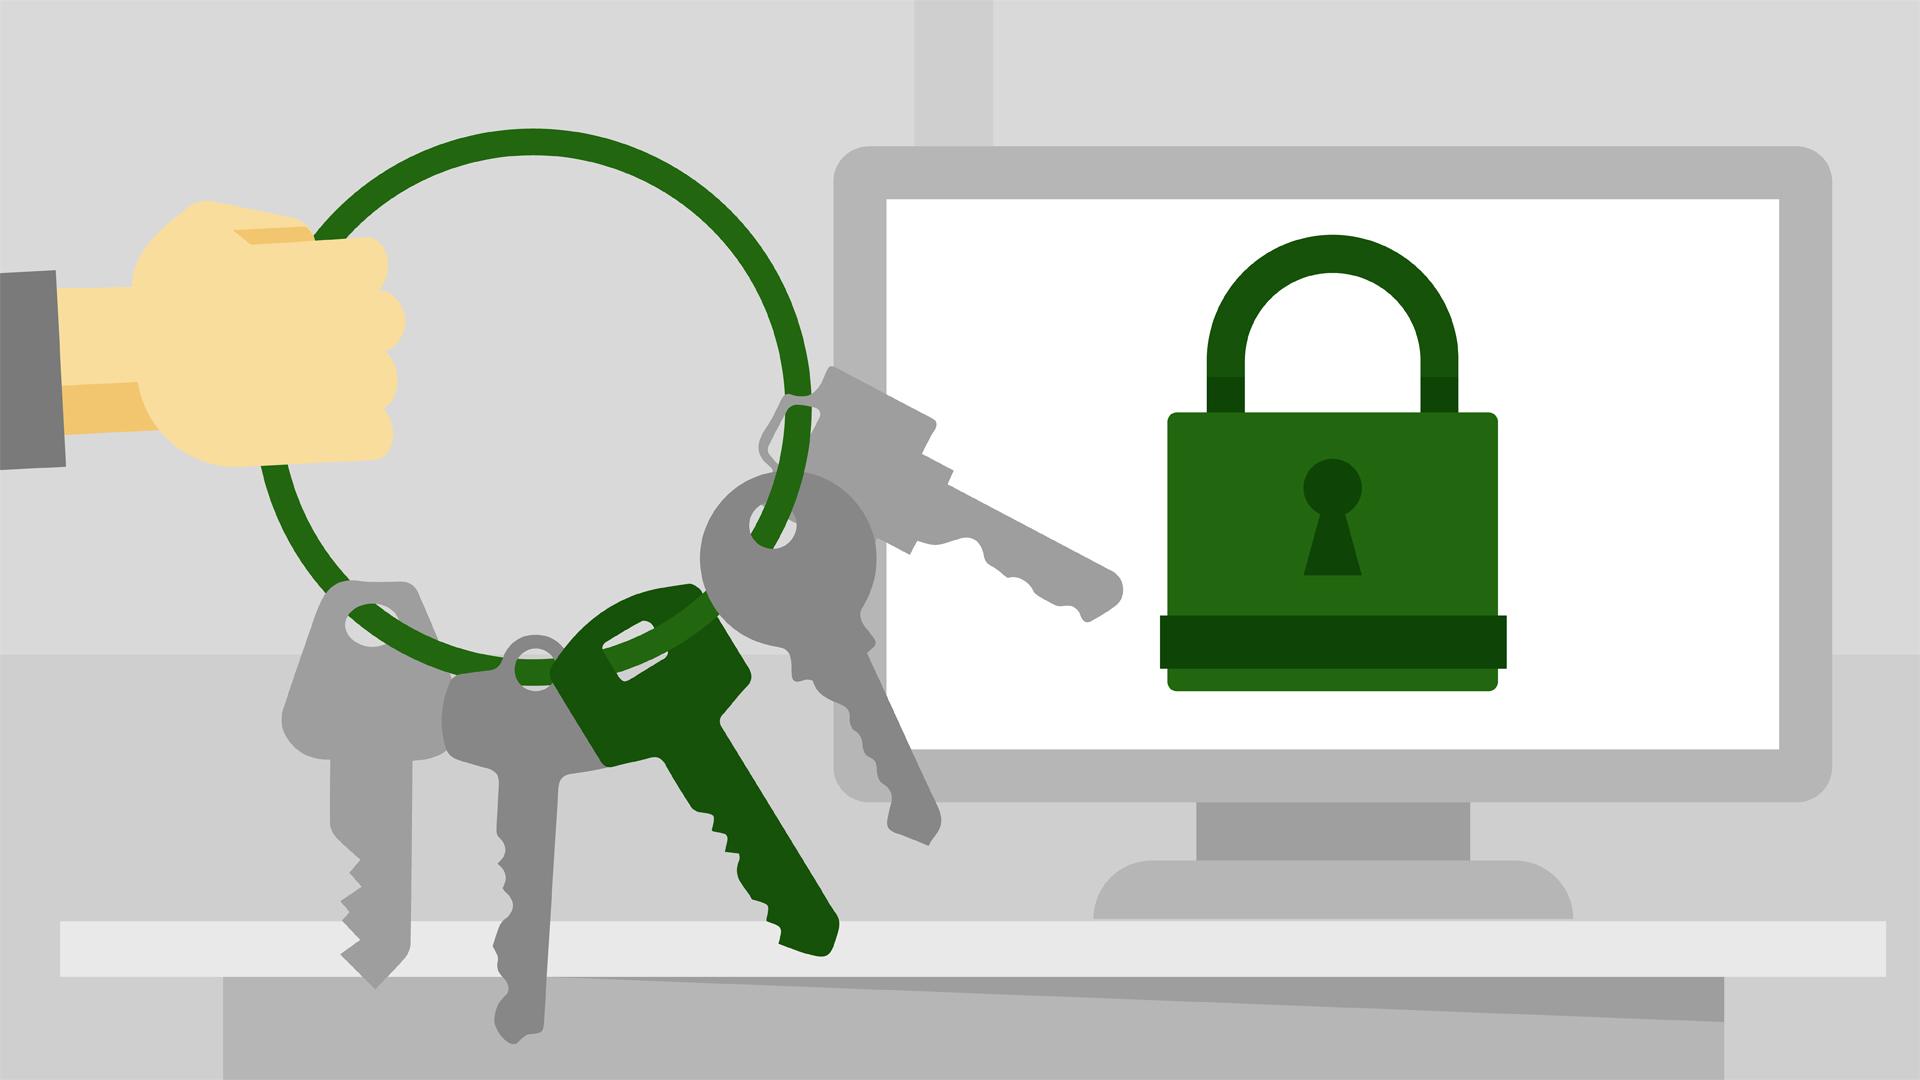 Обнаруженная в GnuPG уязвимость SigSpoof позволяла подделывать любые  подписи - «Хакер» 9b00e042f